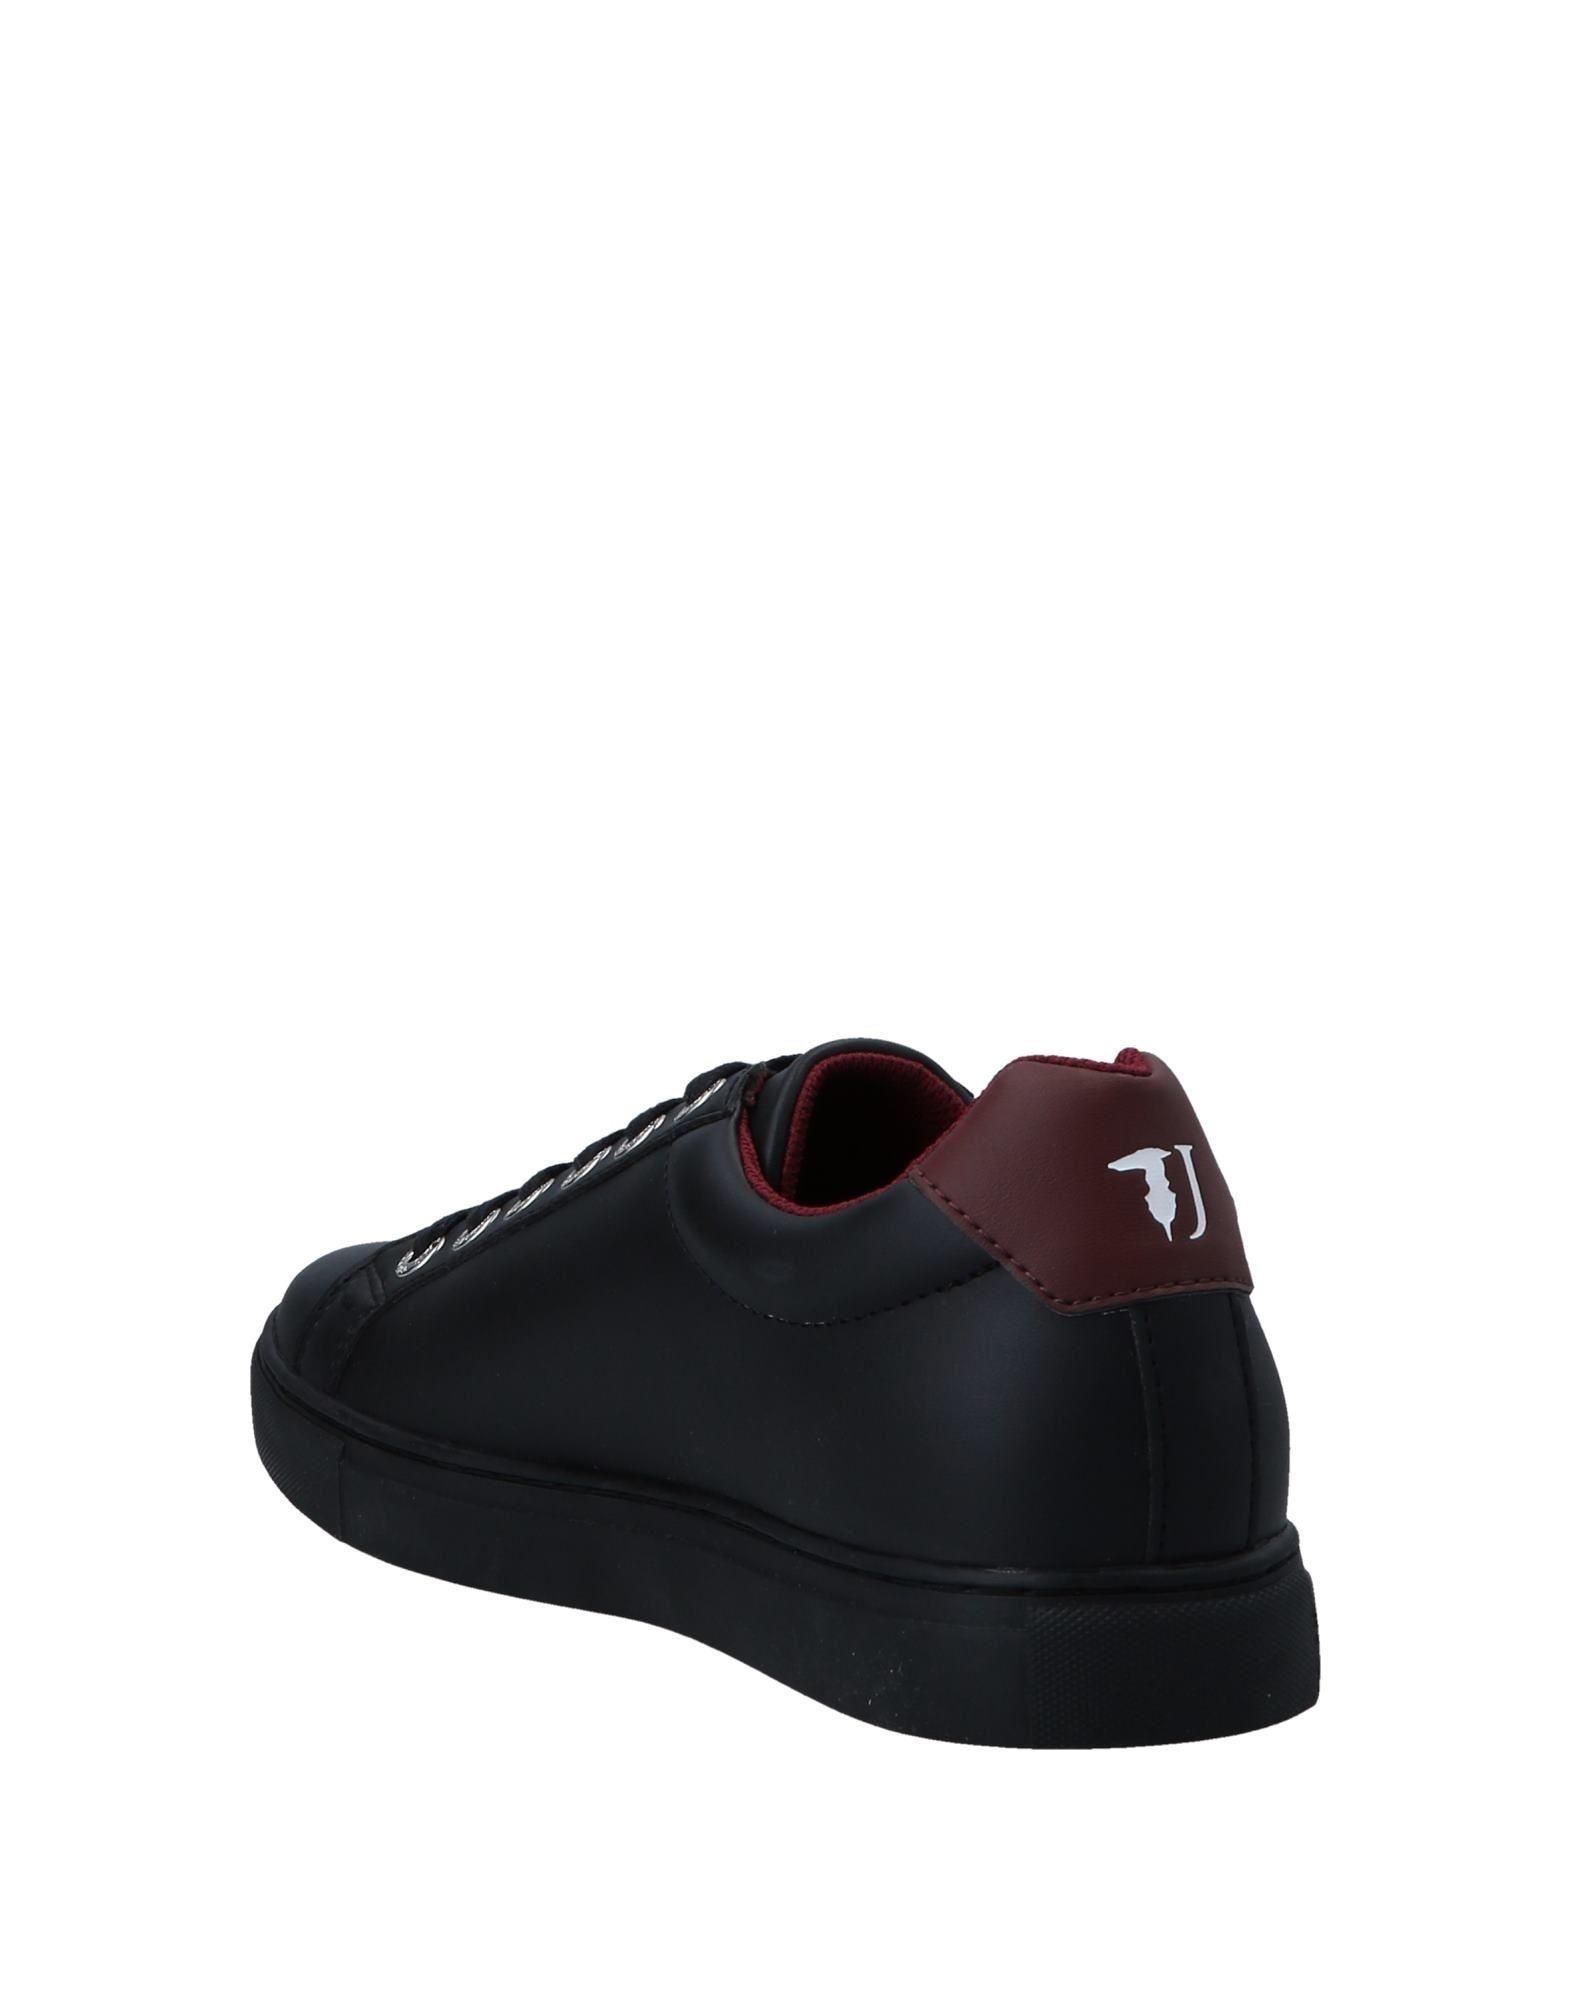 Rabatt echte Schuhe Trussardi Jeans Herren Sneakers Herren Jeans  11546057VR 001d94